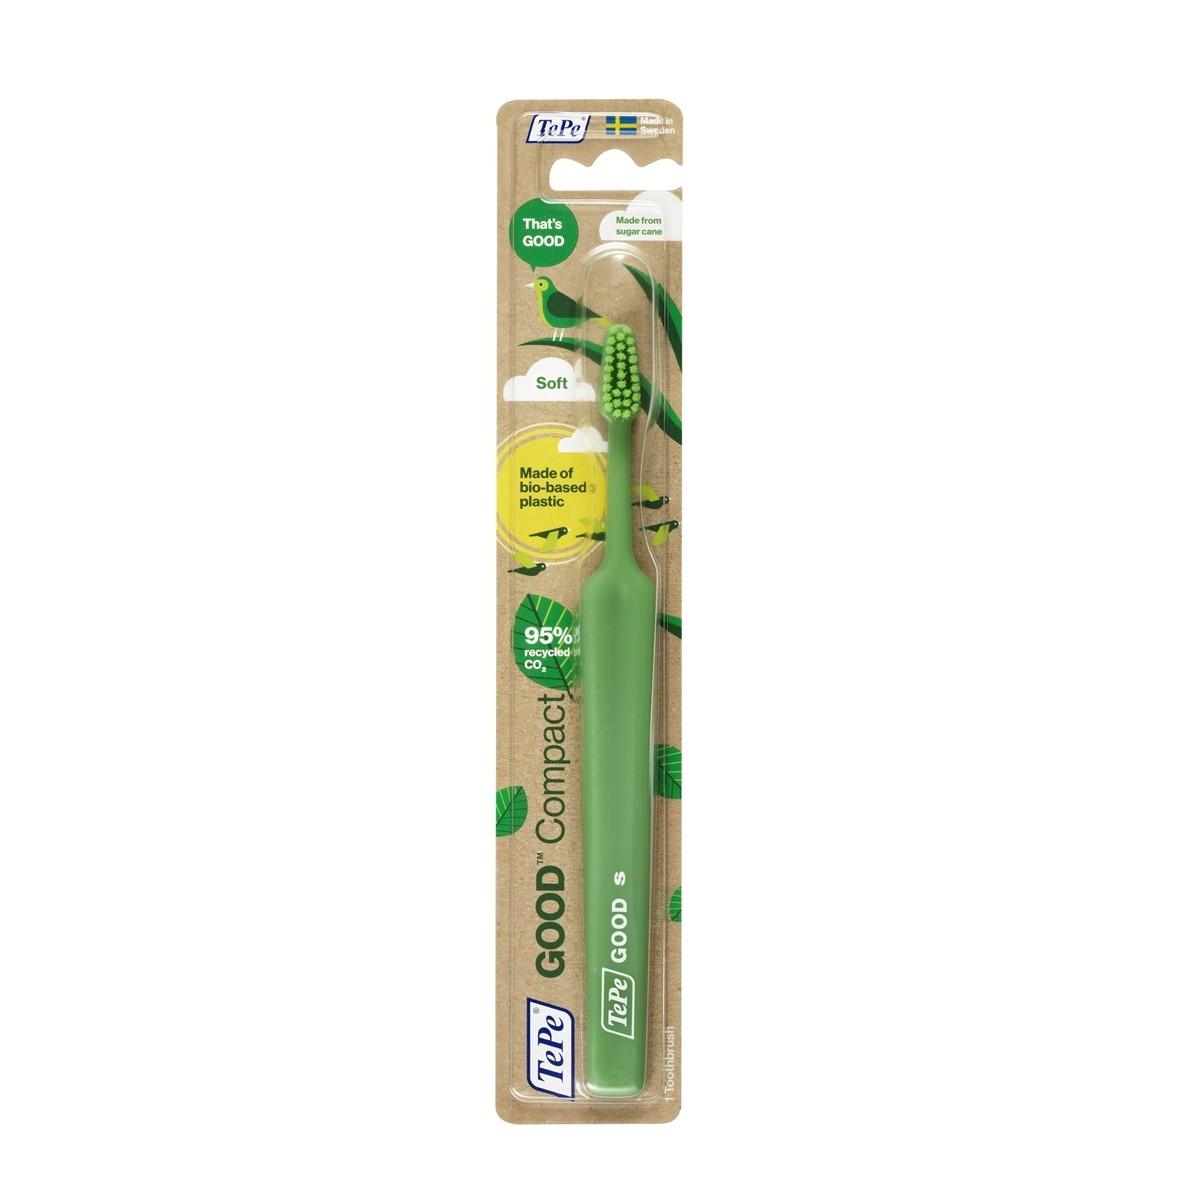 Escova de Dente Ecológica Compacta TePe GOOD